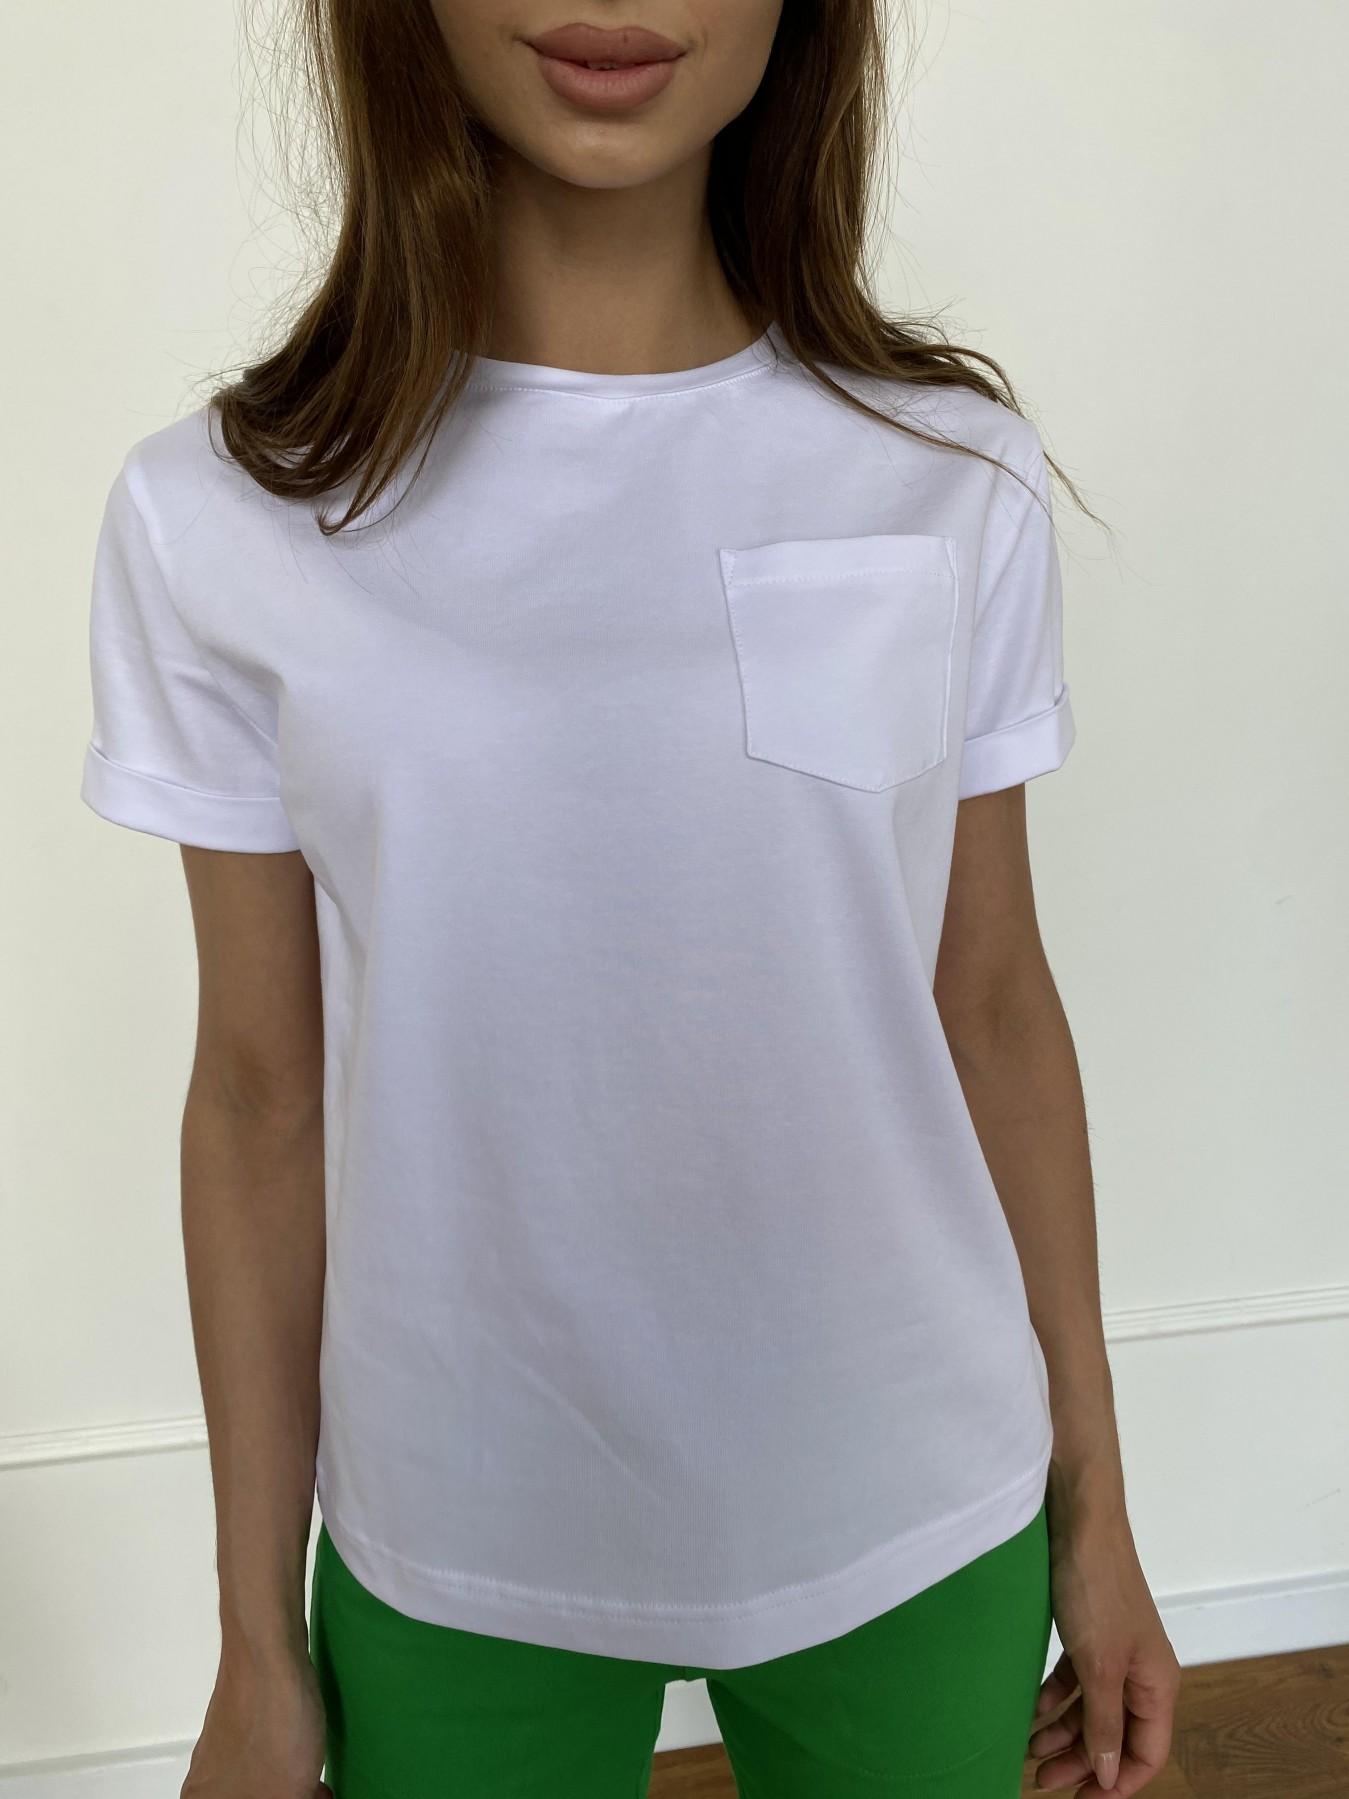 Вуди футболка из вискозы 11224 АРТ. 47750 Цвет: Белый - фото 1, интернет магазин tm-modus.ru